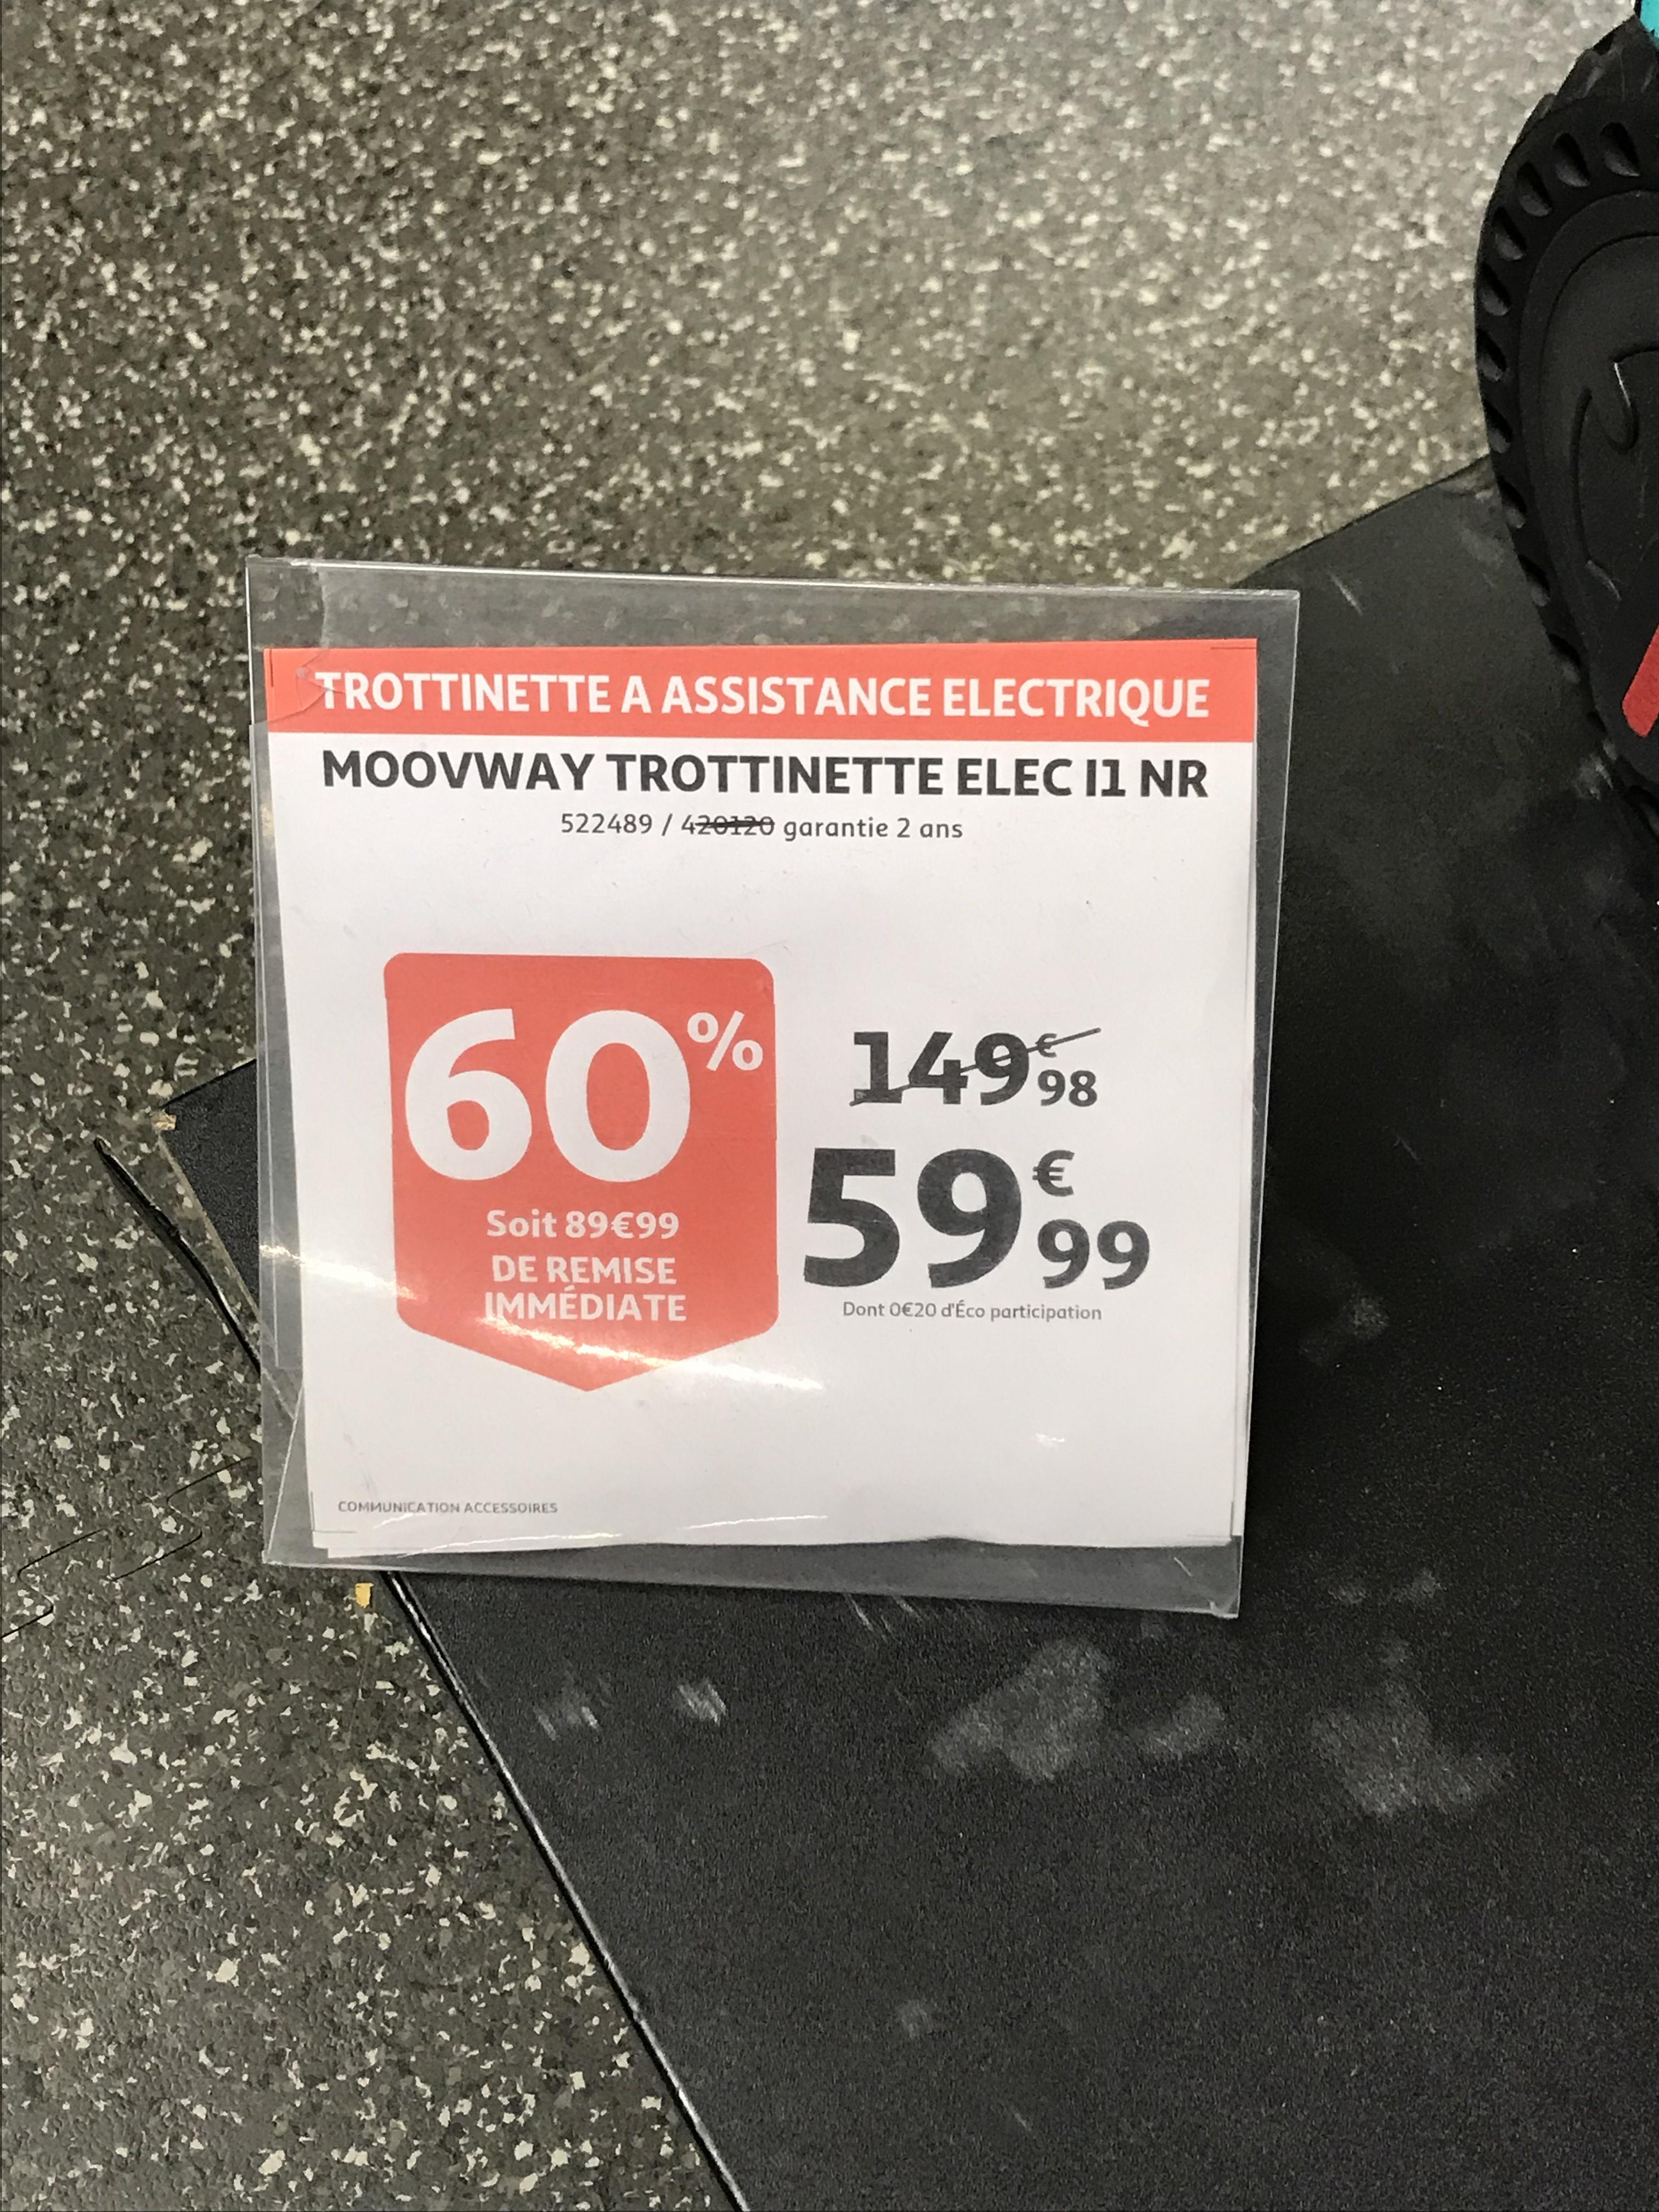 Trottinette électrique Moovway i1 Noir - Puteaux (92)